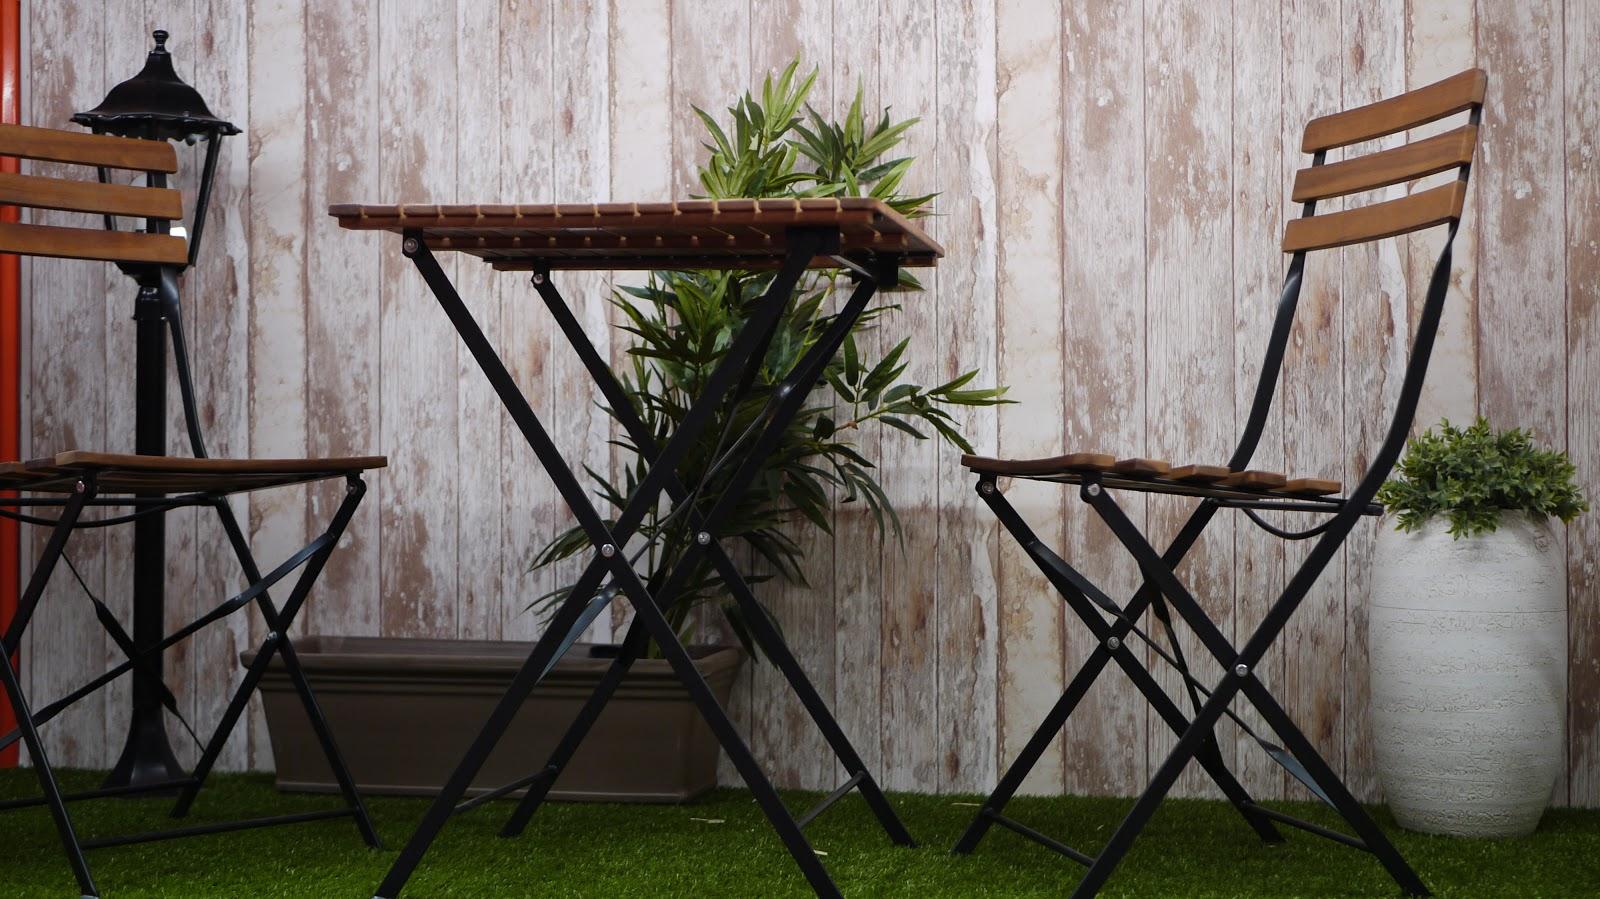 Mi Armario Coqueto Deco Ideas Para Exteriores Y Evento Bauhaus # Muebles Coquetos